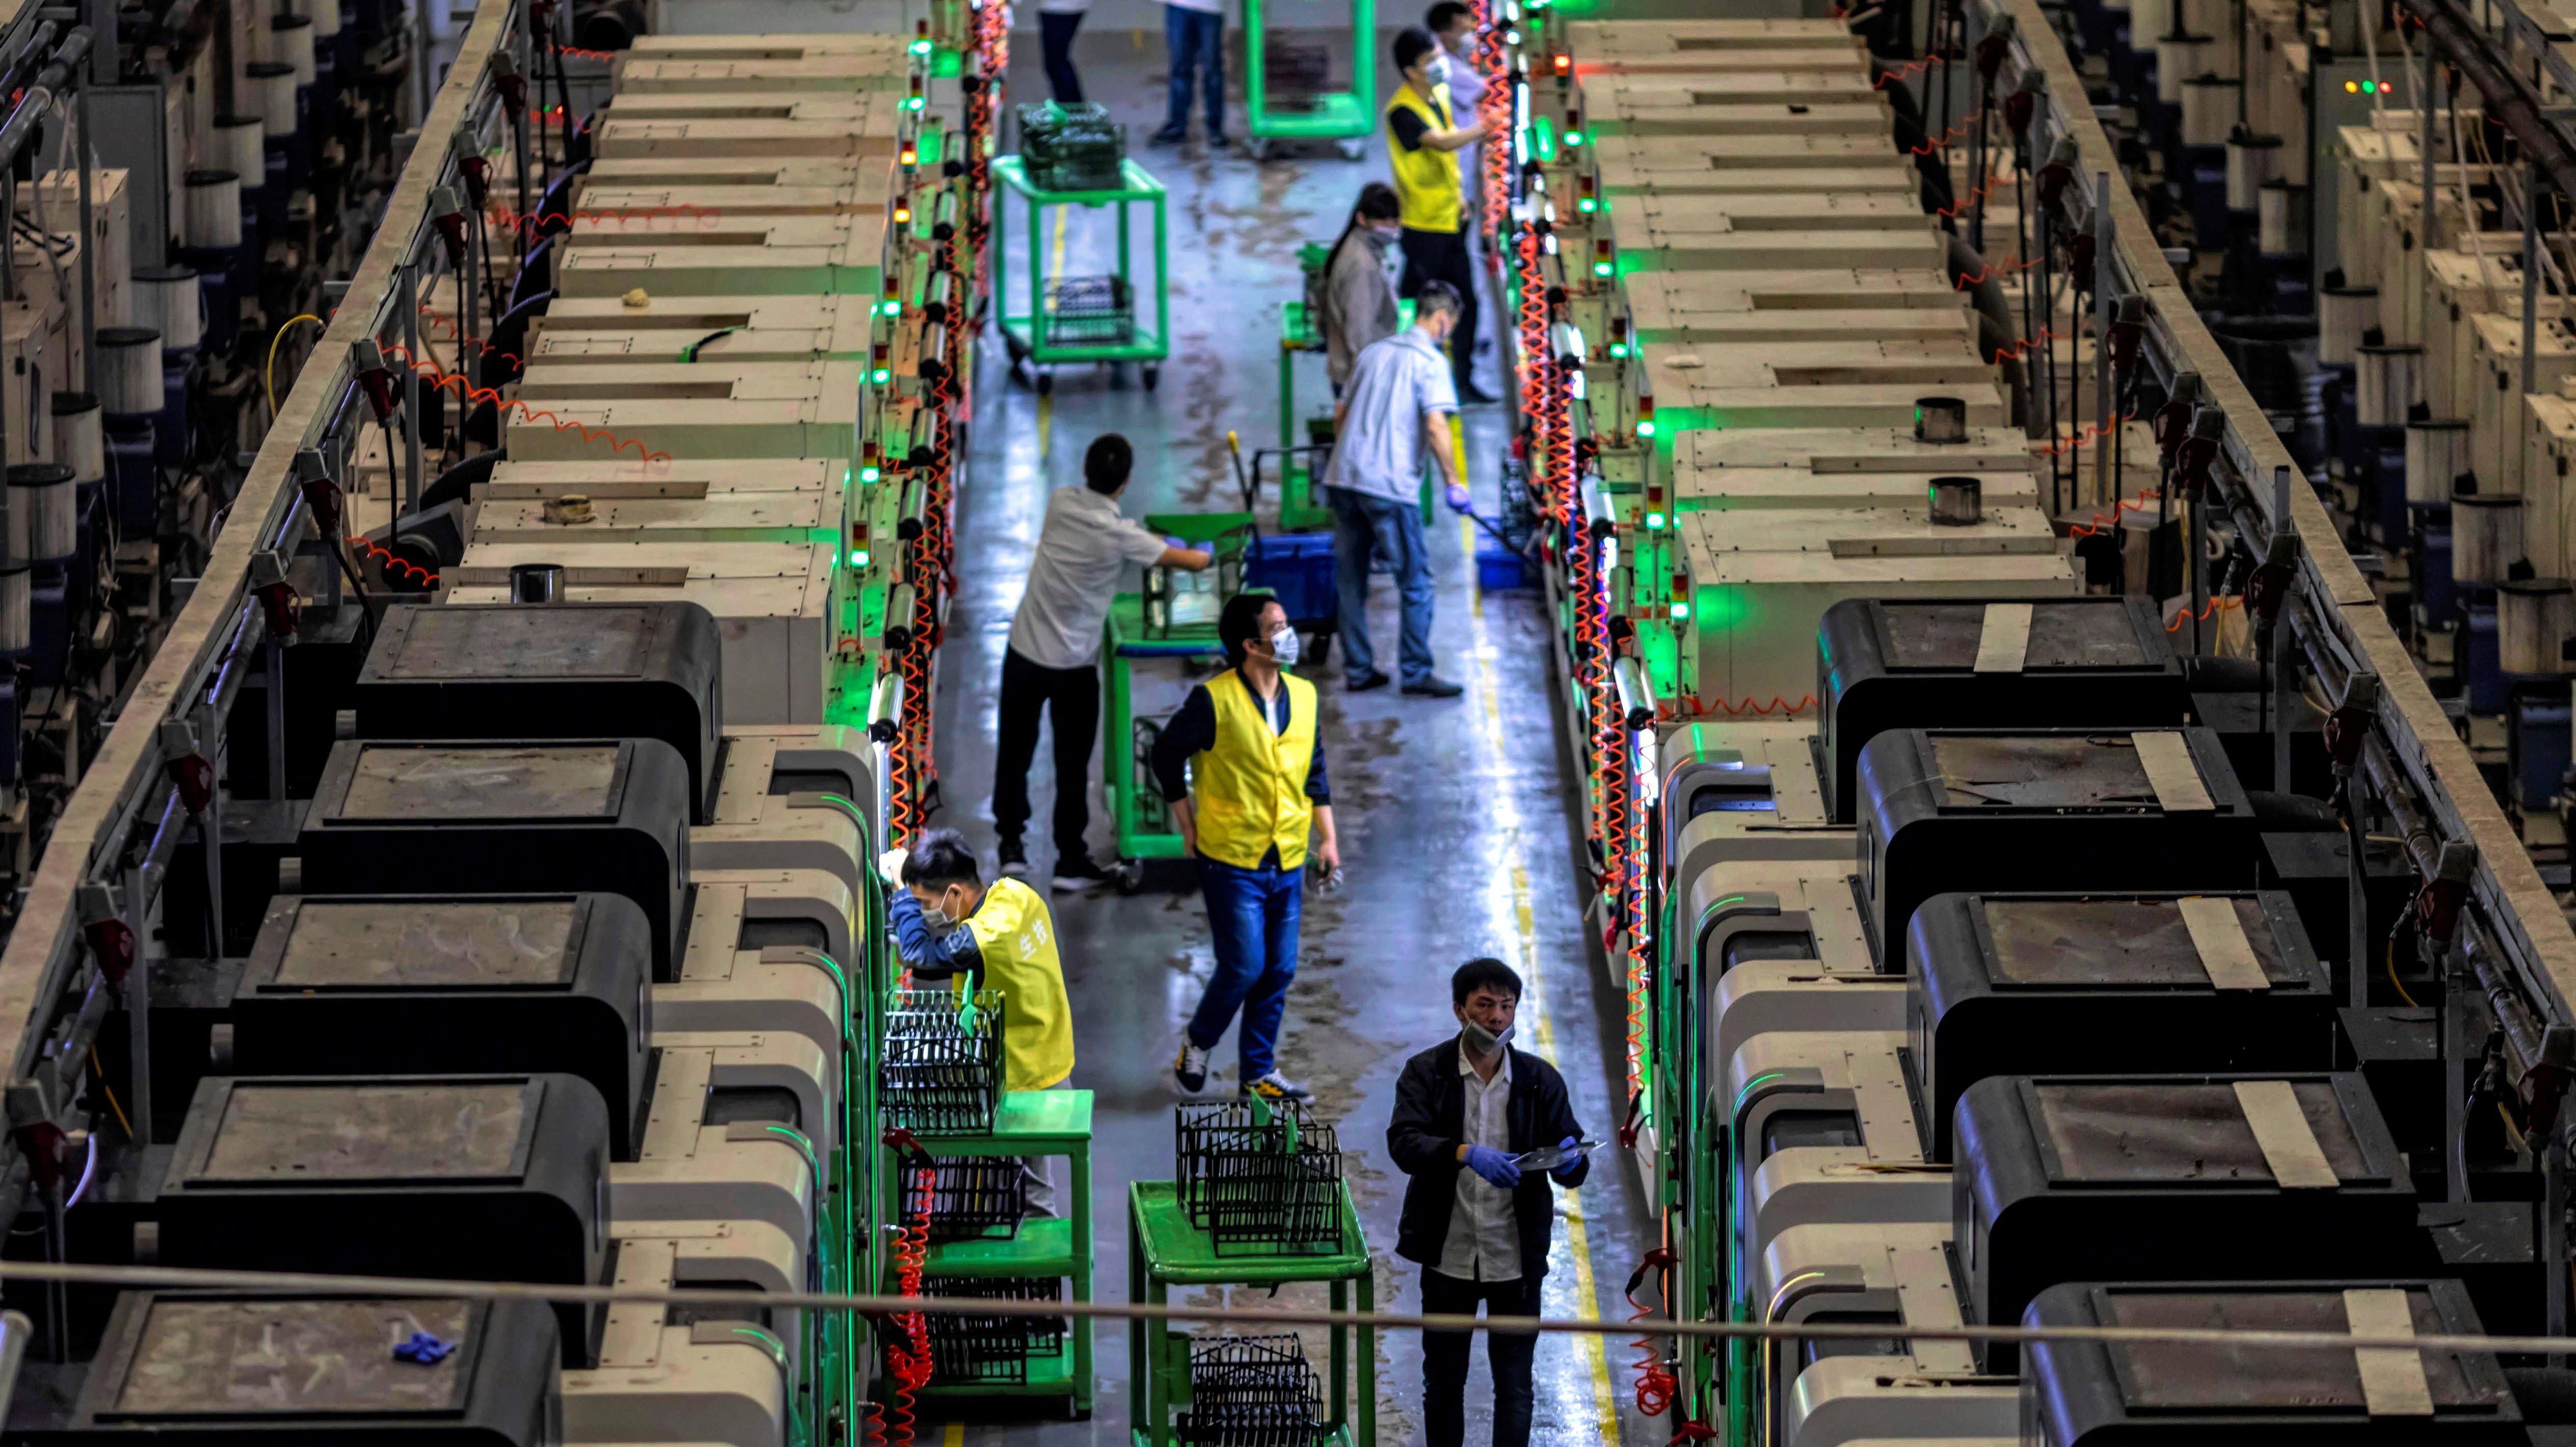 OCDE disminuye sus proyecciones de crecimiento económico para 2019 en medio de guerra comercial entre EE.UU. y China